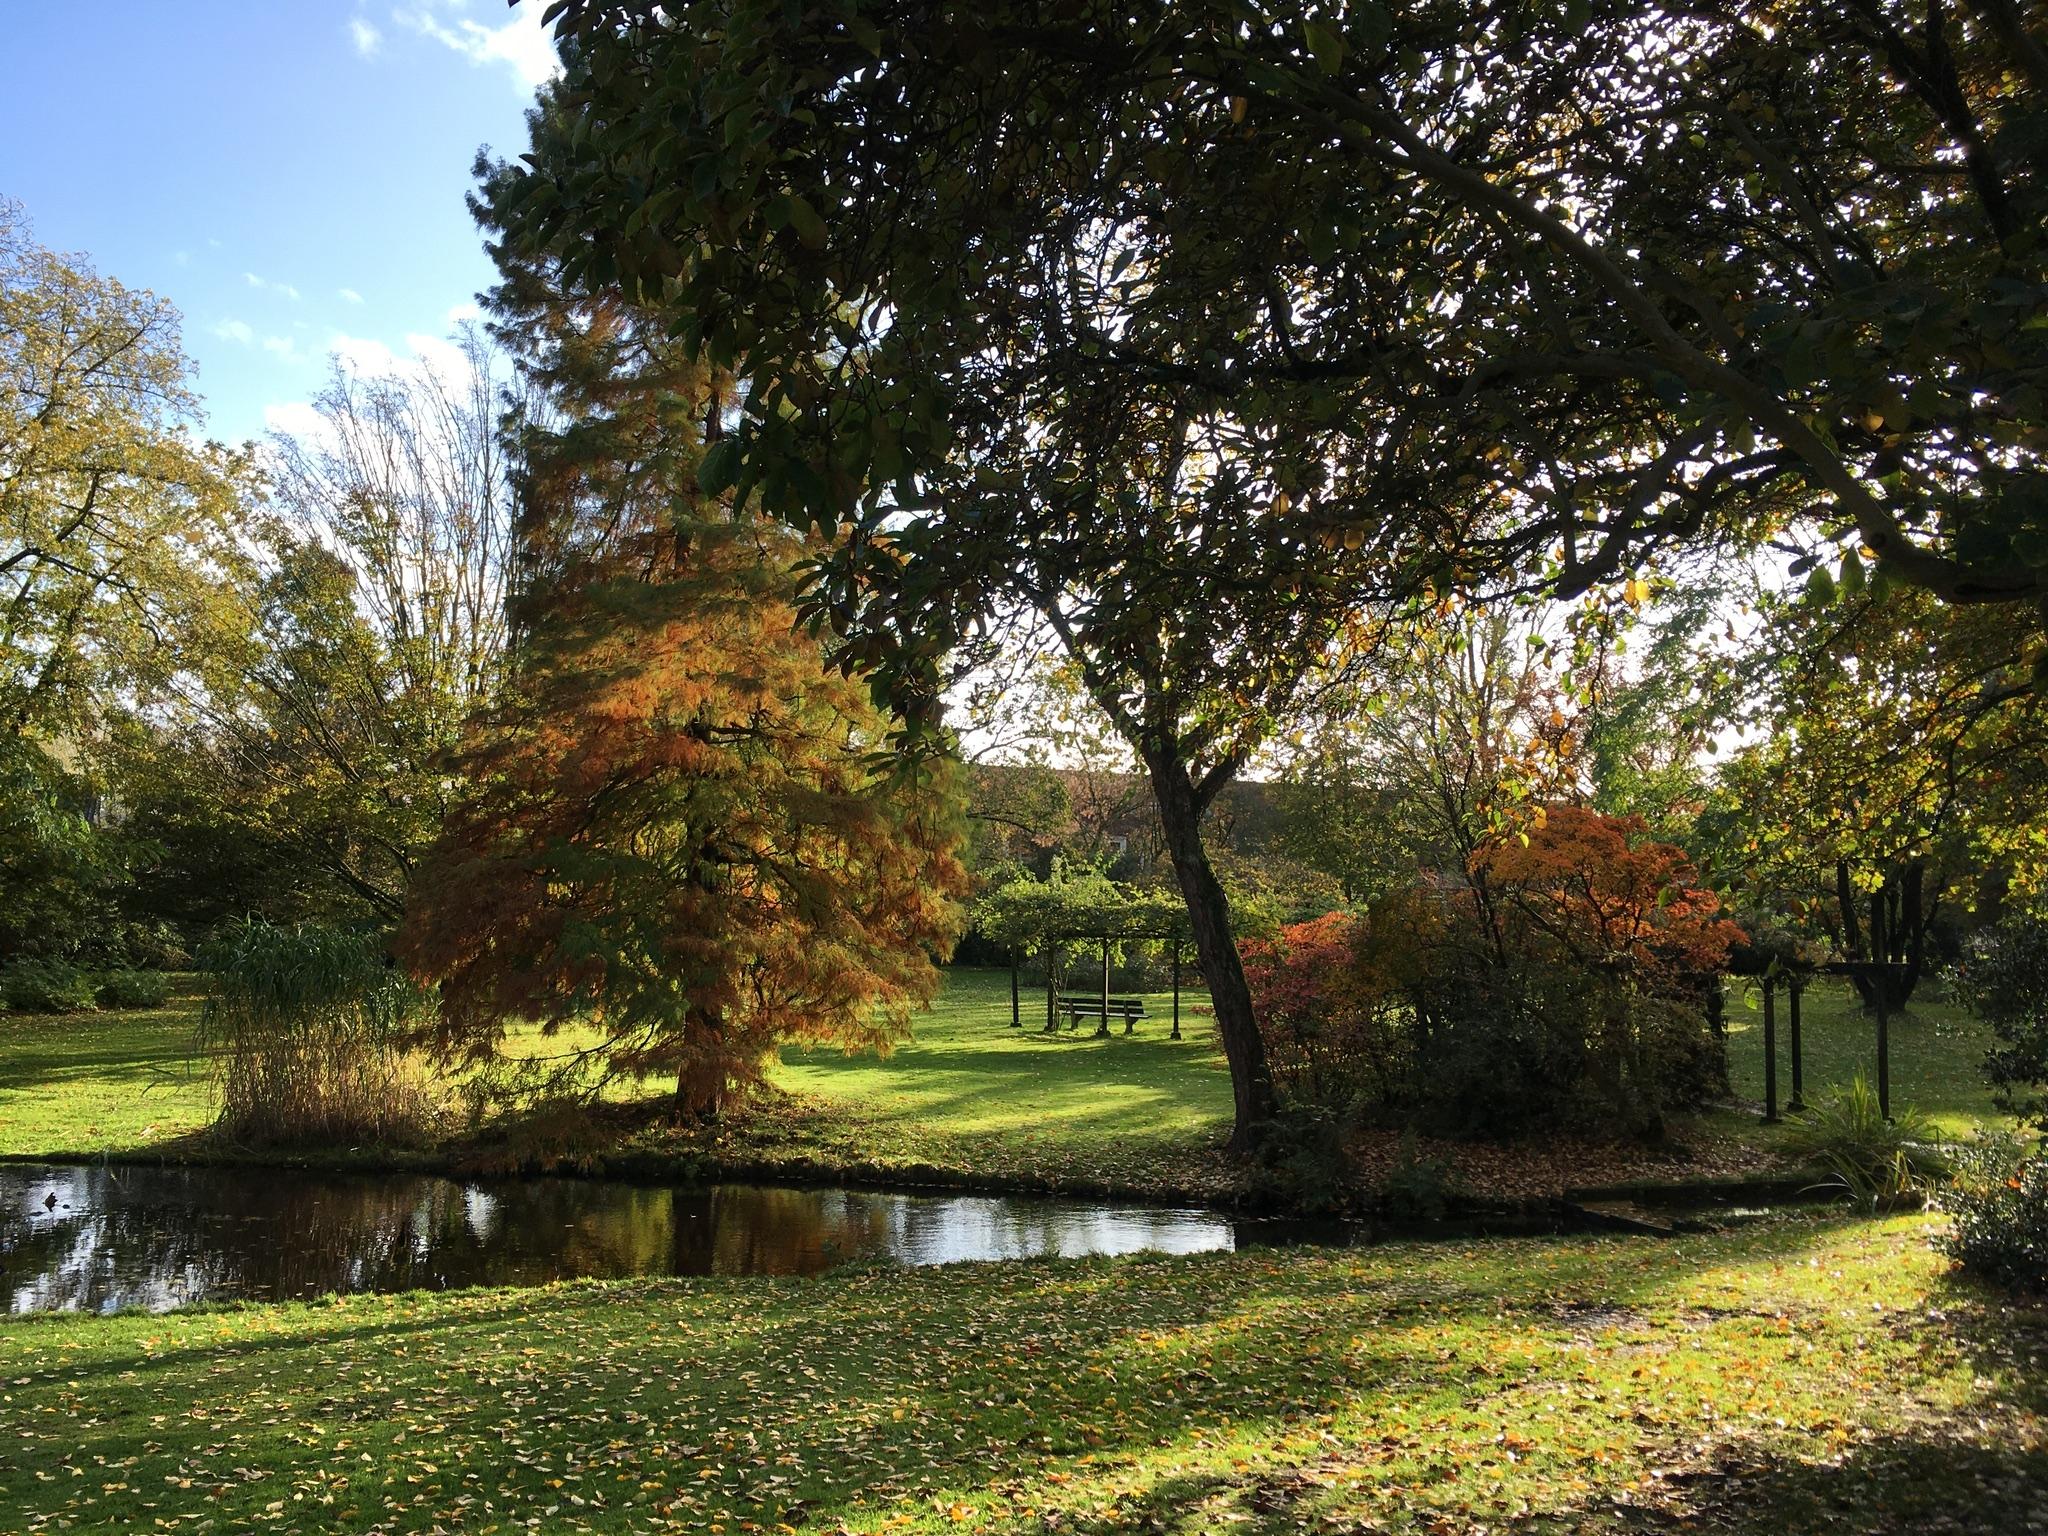 Doorkijkje in het Cantonspark  Willy van Dijk-Doornenbal © BDU media